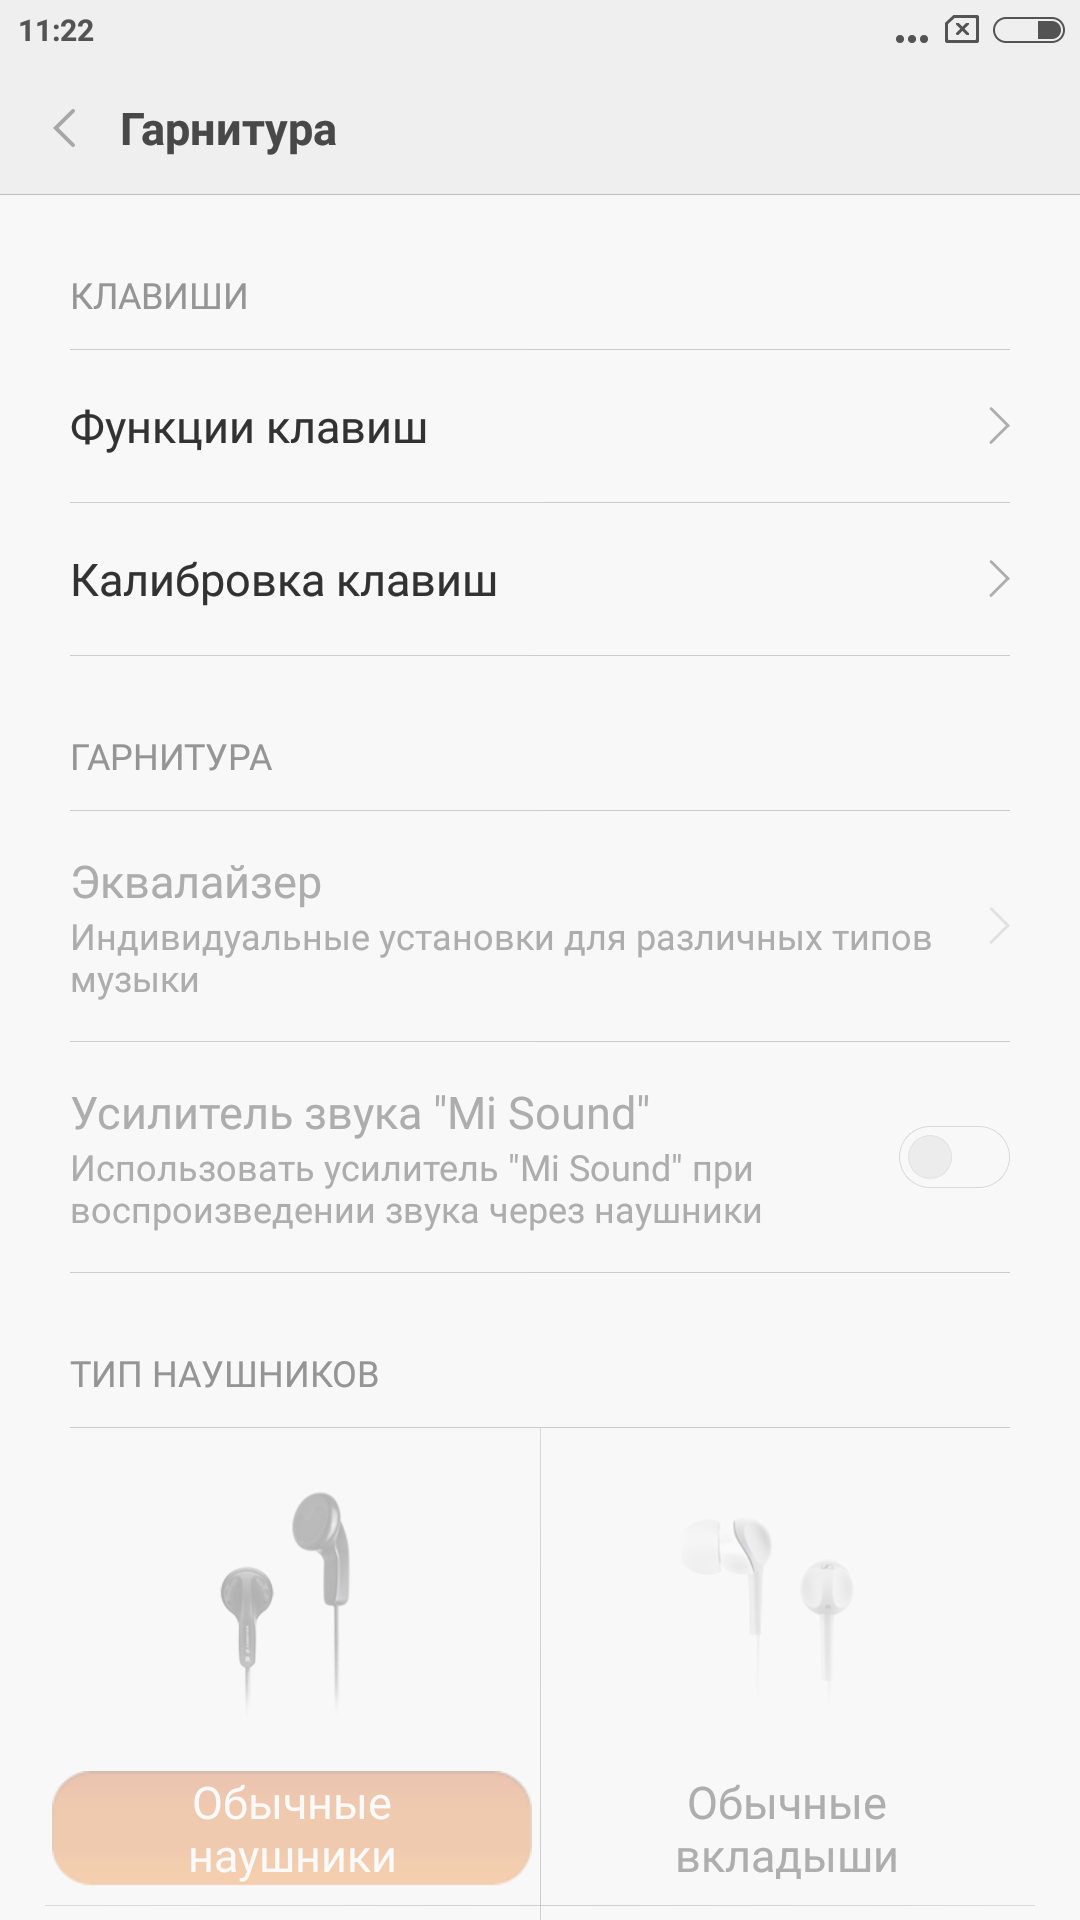 Обзор лучшего бюджетника 2015 года — Xiaomi Redmi Note 2 - 25